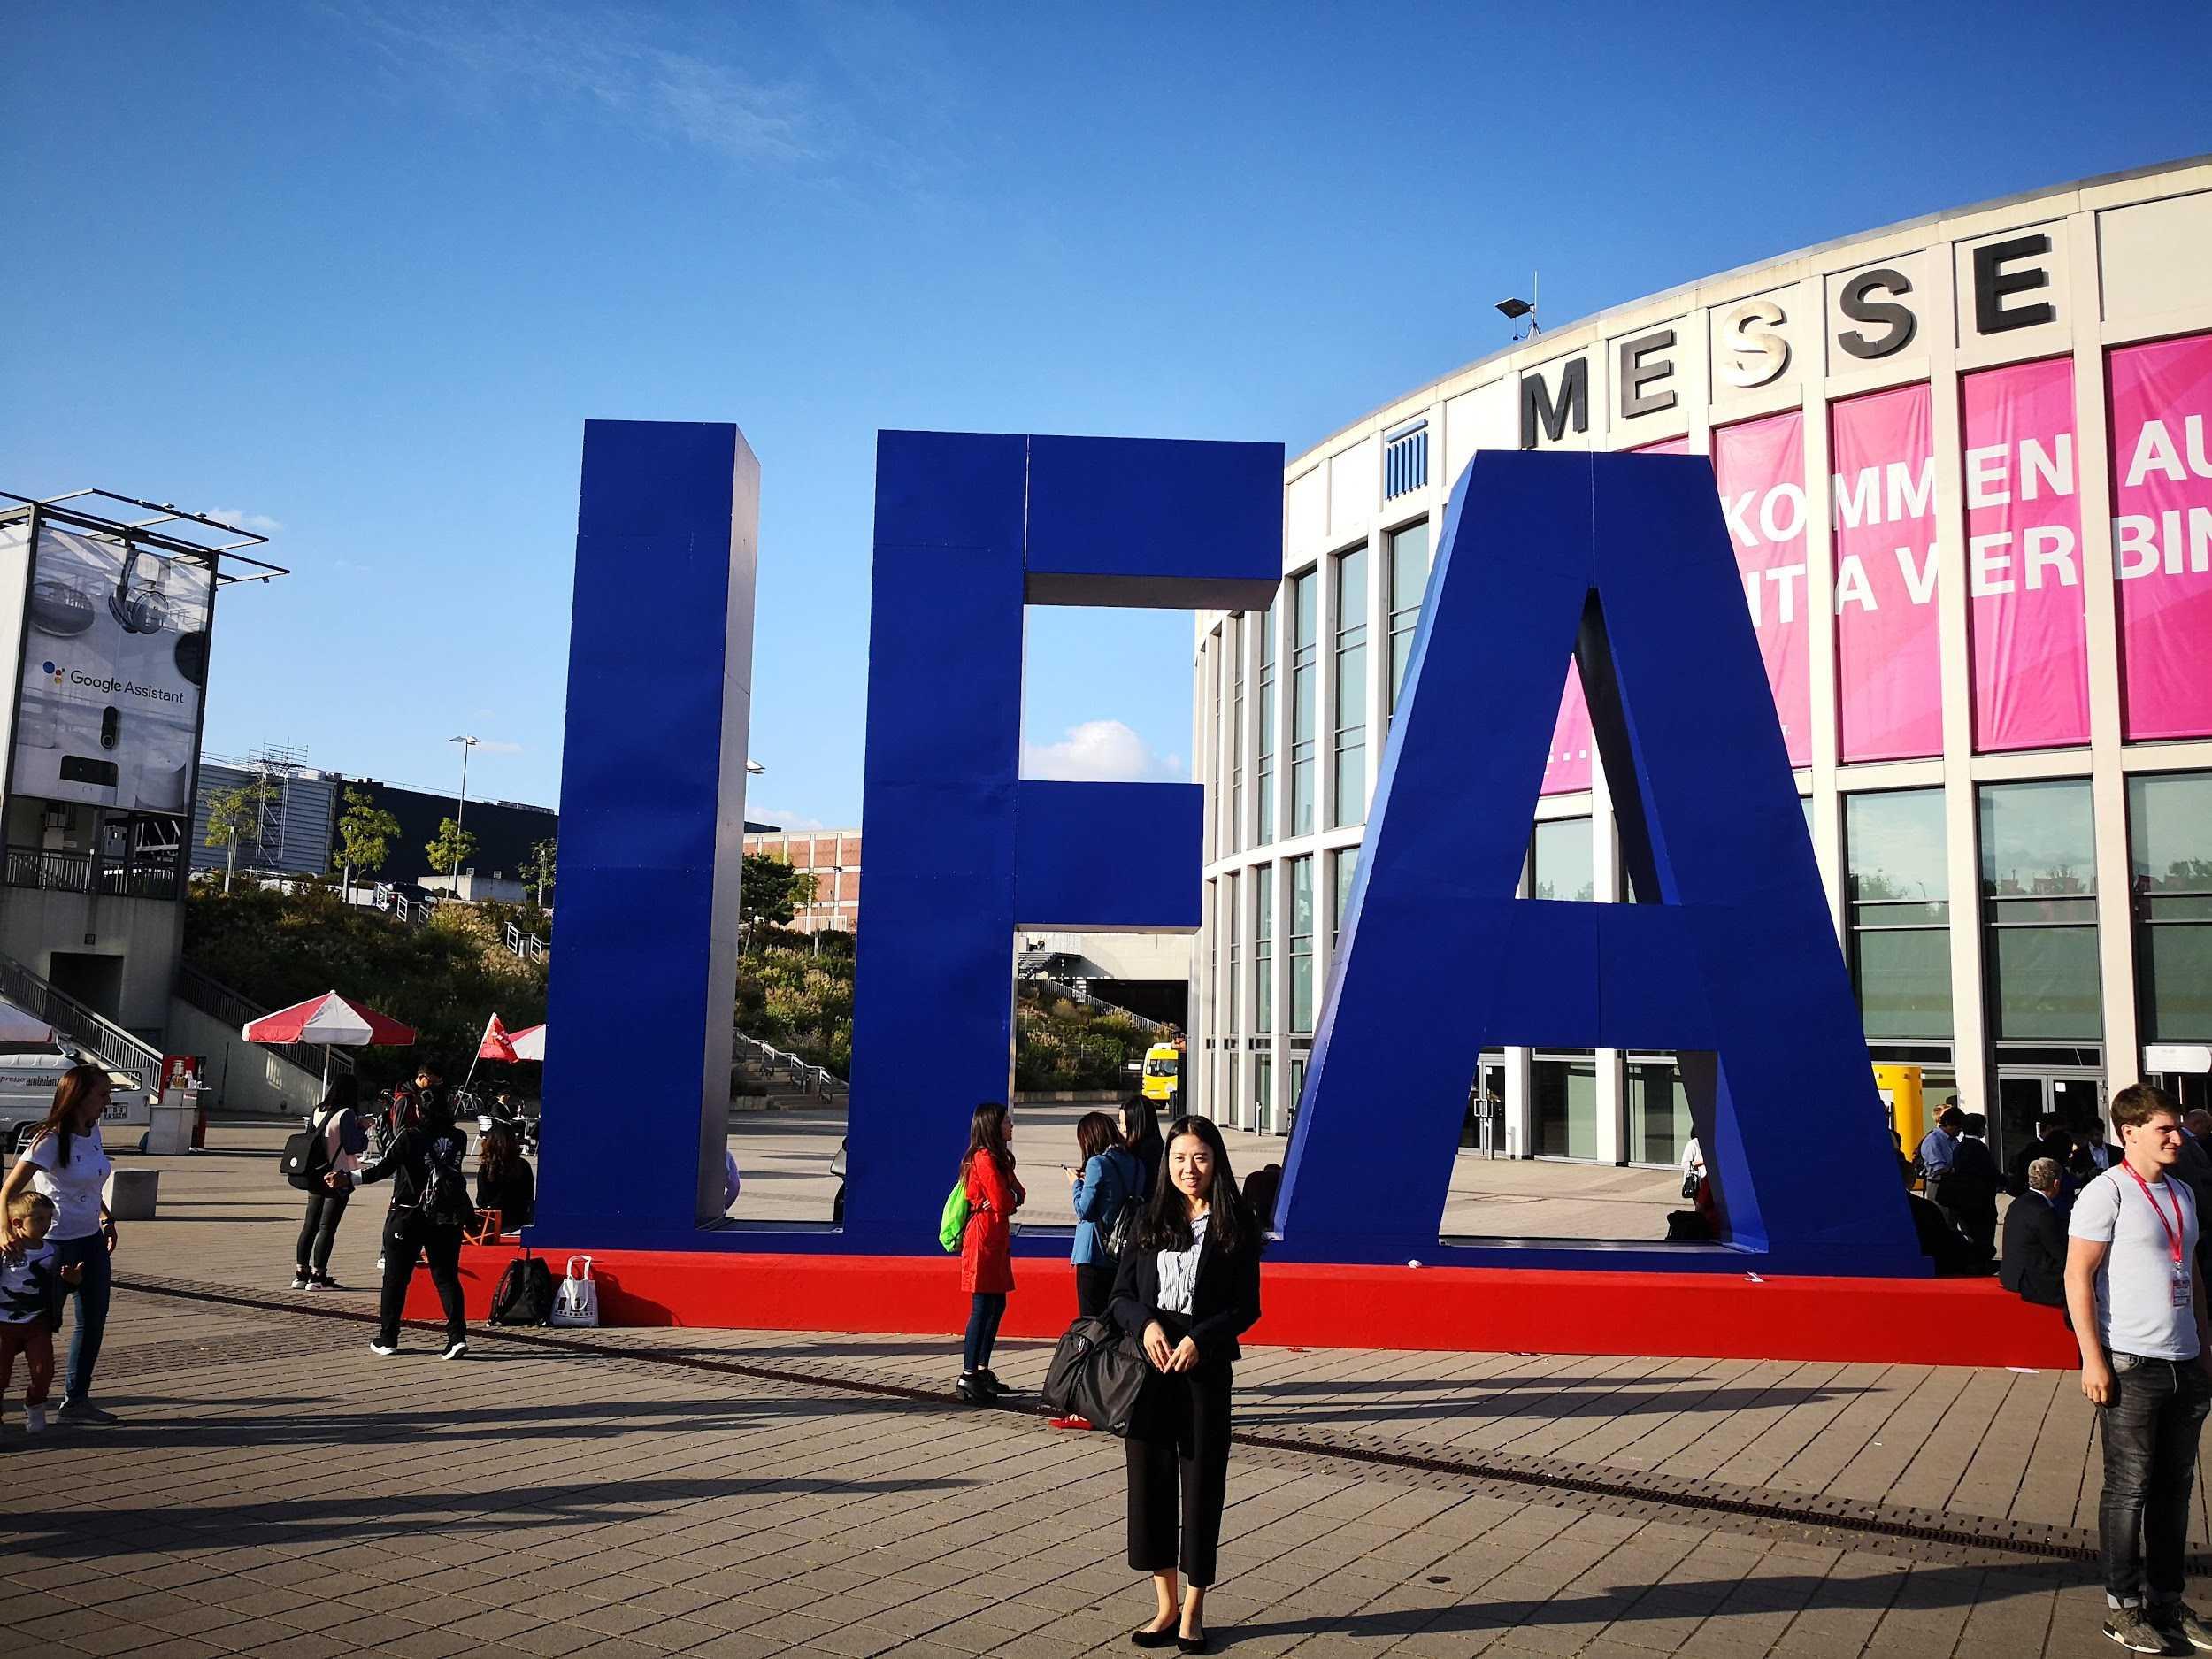 В этом году китайский производитель электроники Realme в первый раз примет участие в самой престижной выставке гаджетов IFA Такими сведениями поделился Мадхав Шет